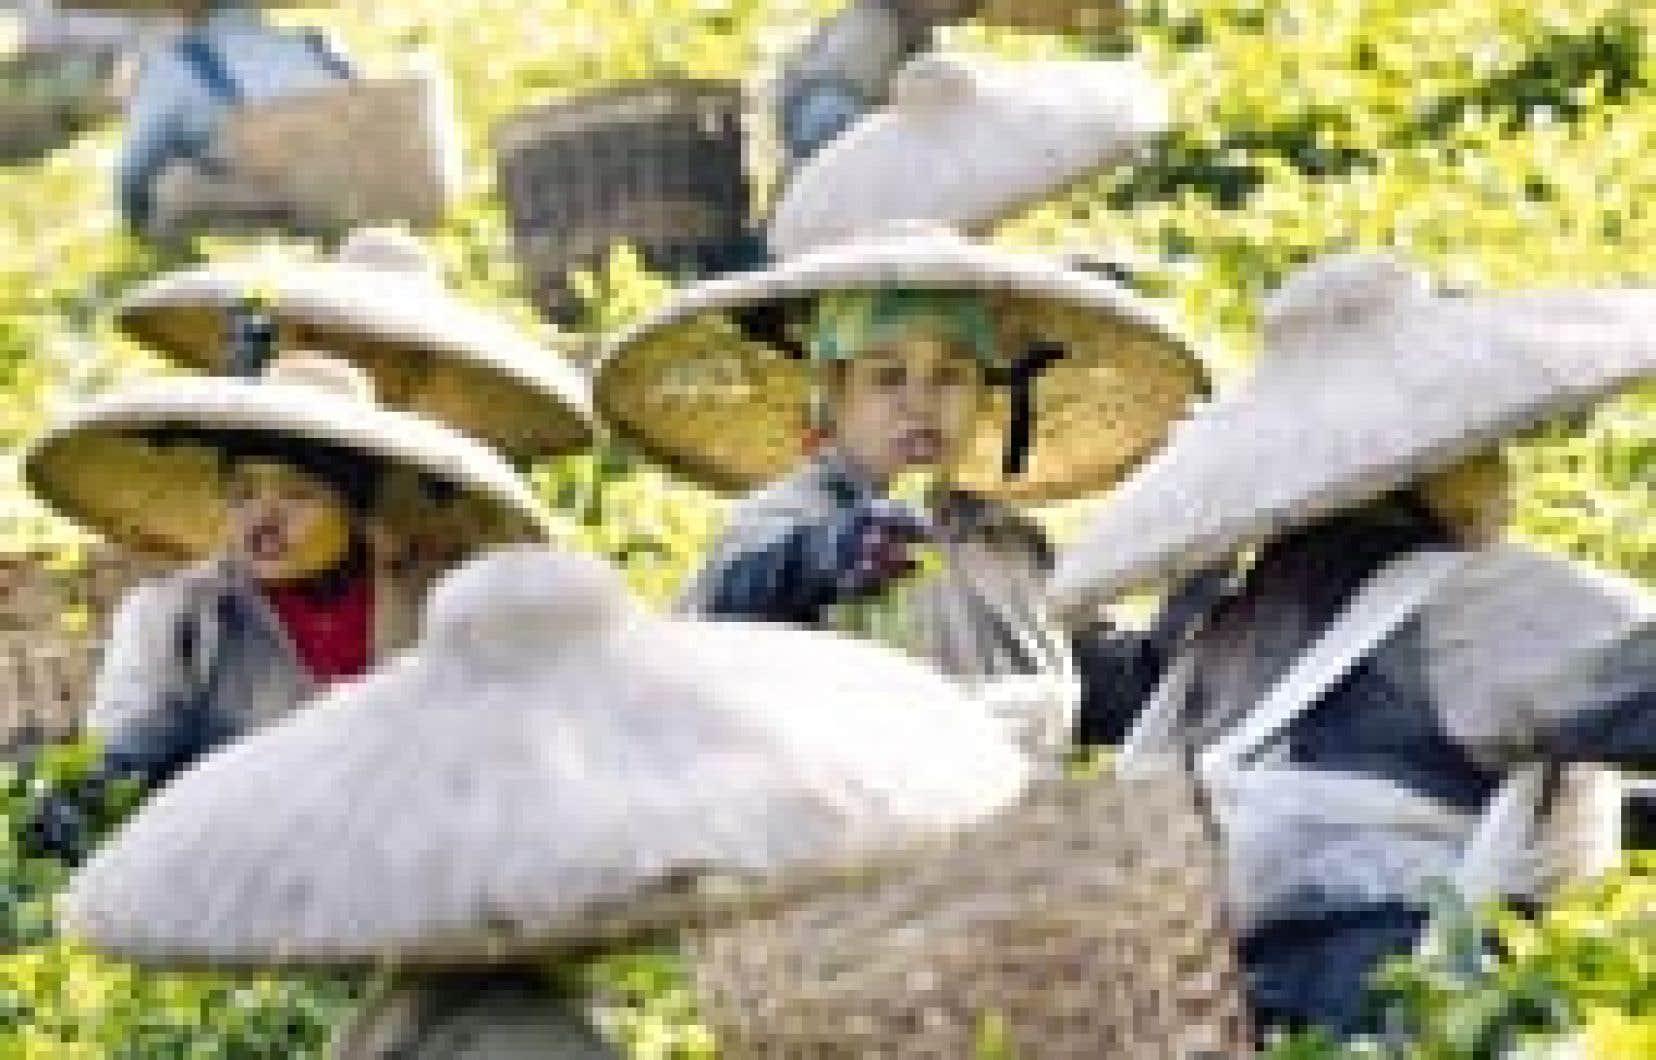 Des cueilleuses de thé en Indonésie. Tous les pays en développement sont loin de partager les mêmes intérêts. mais sur la question agricole, ils sont tous d'accord pour réclamer abolition des subventions aux exportations et des barrières commer